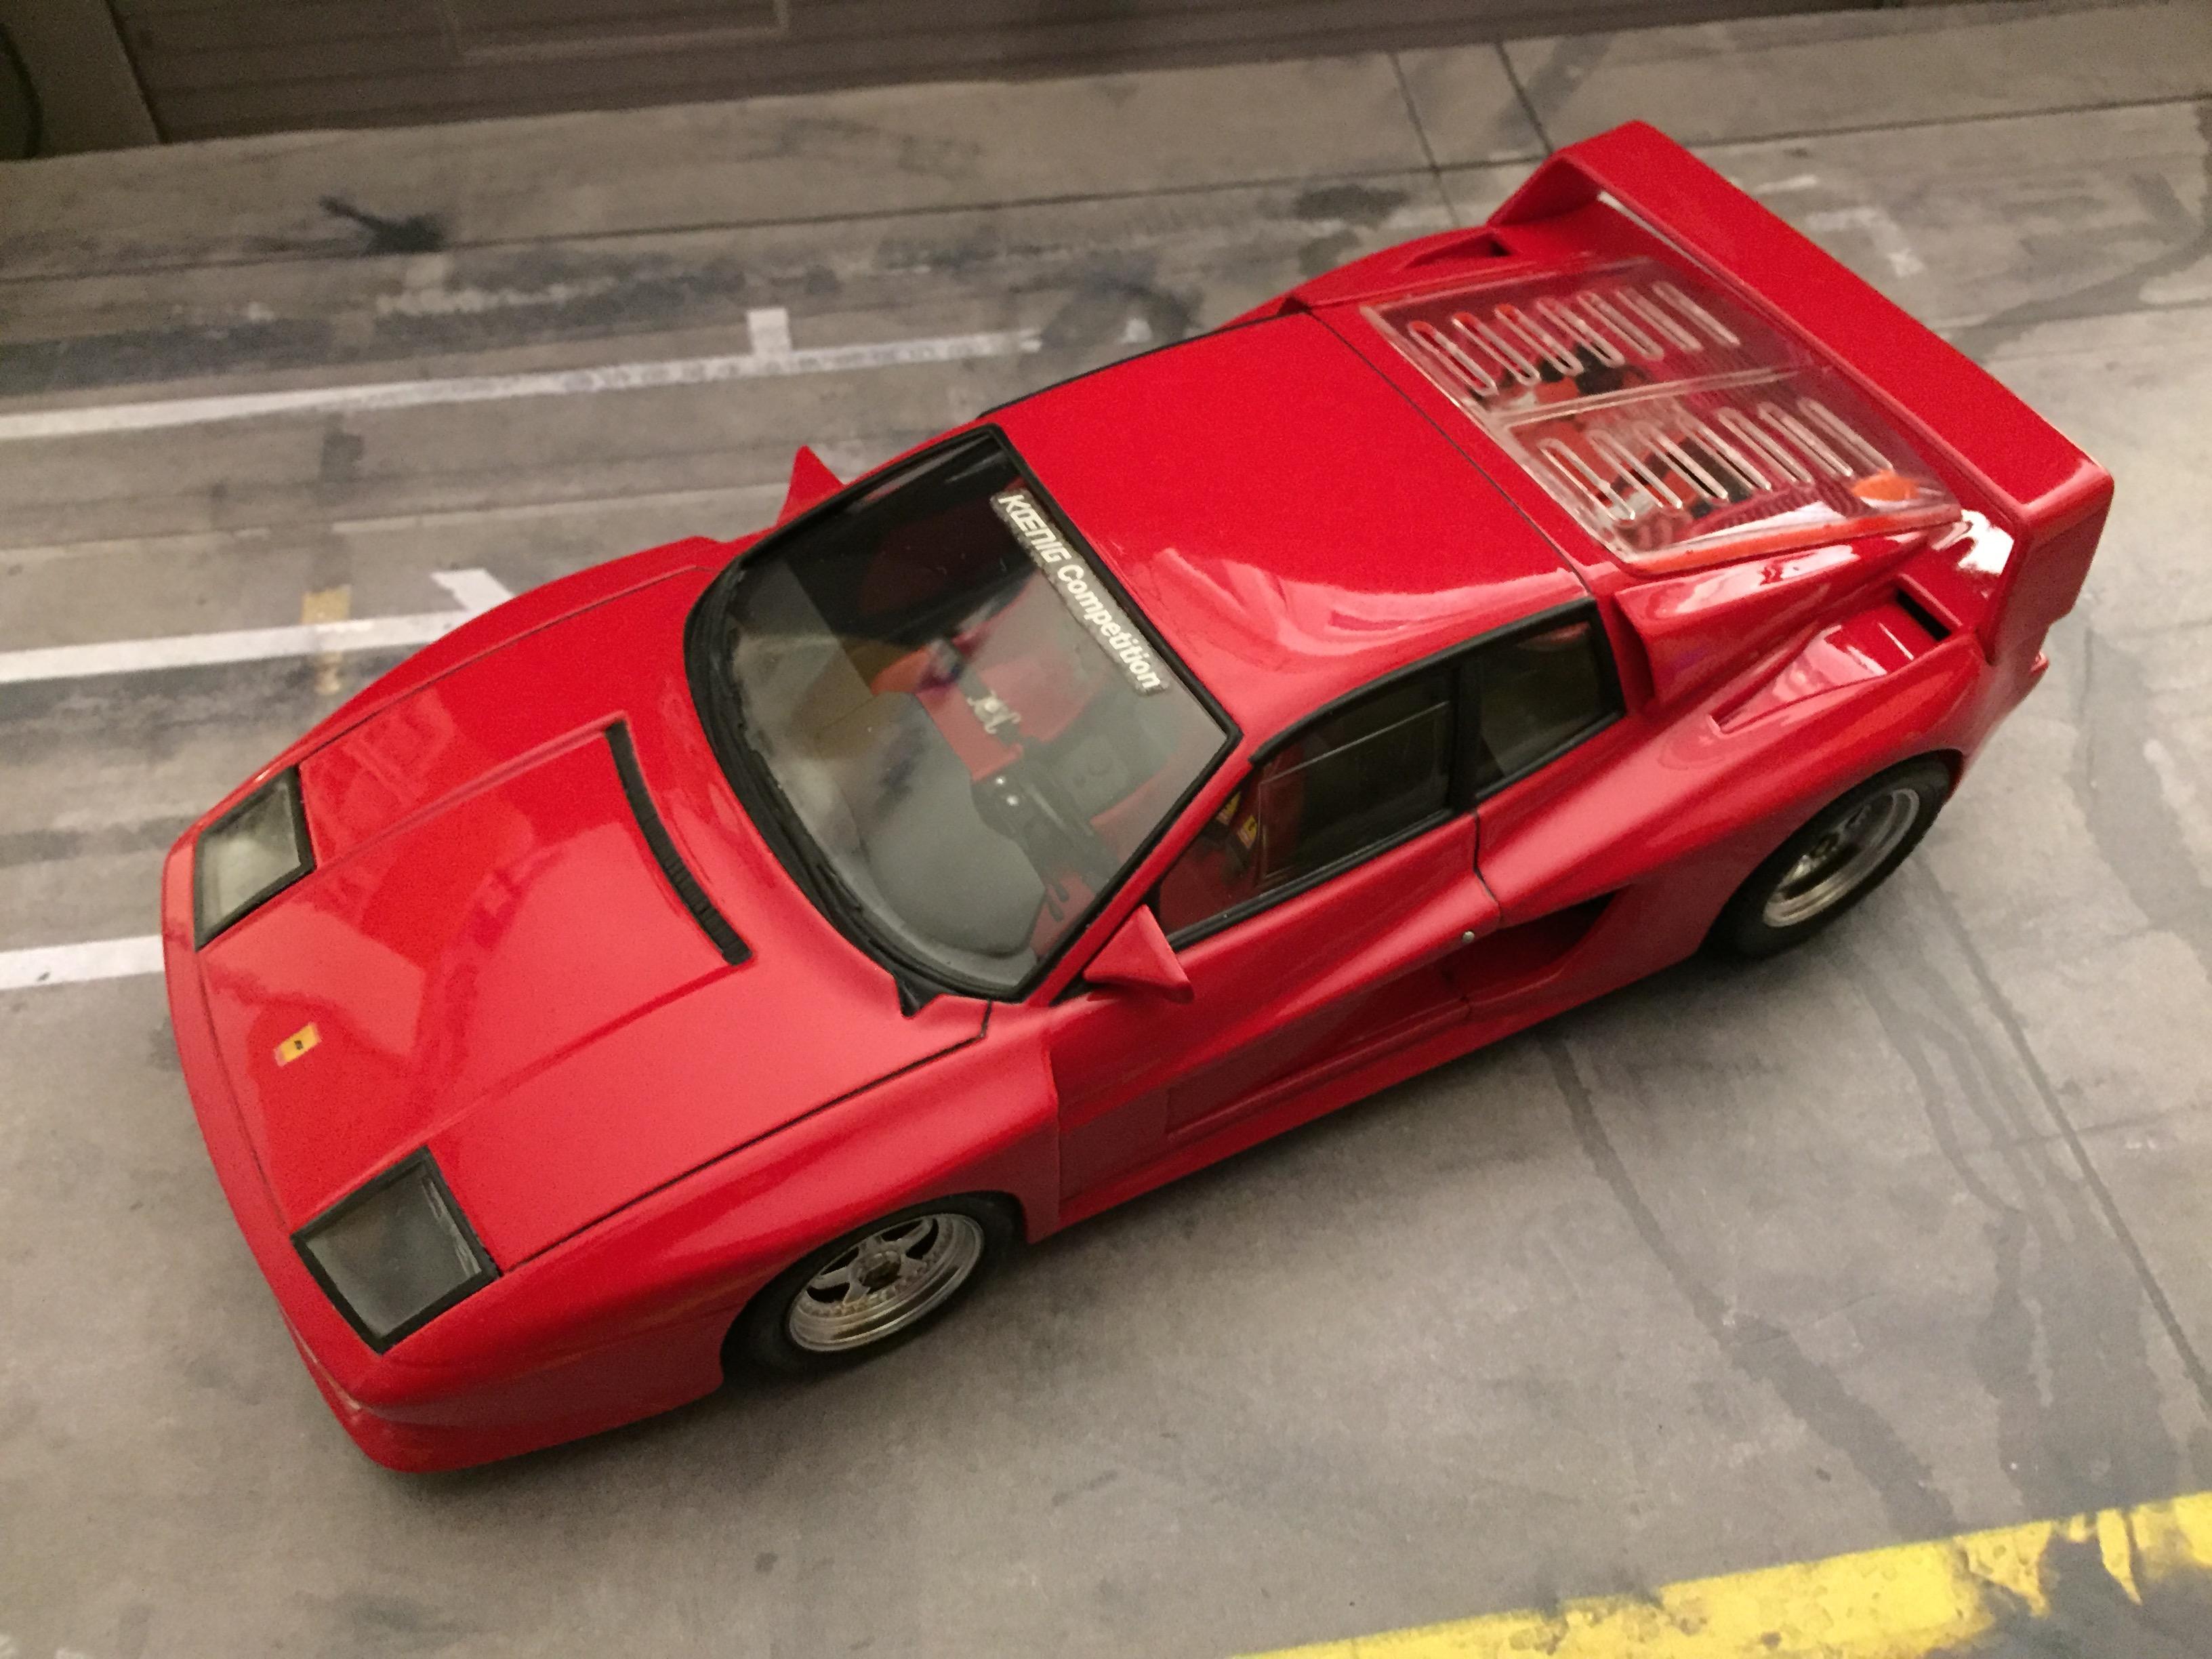 Koenig Competition Ferrari Testarossa 1 24 Scale By Fujimi Model Cars Model Cars Magazine Forum